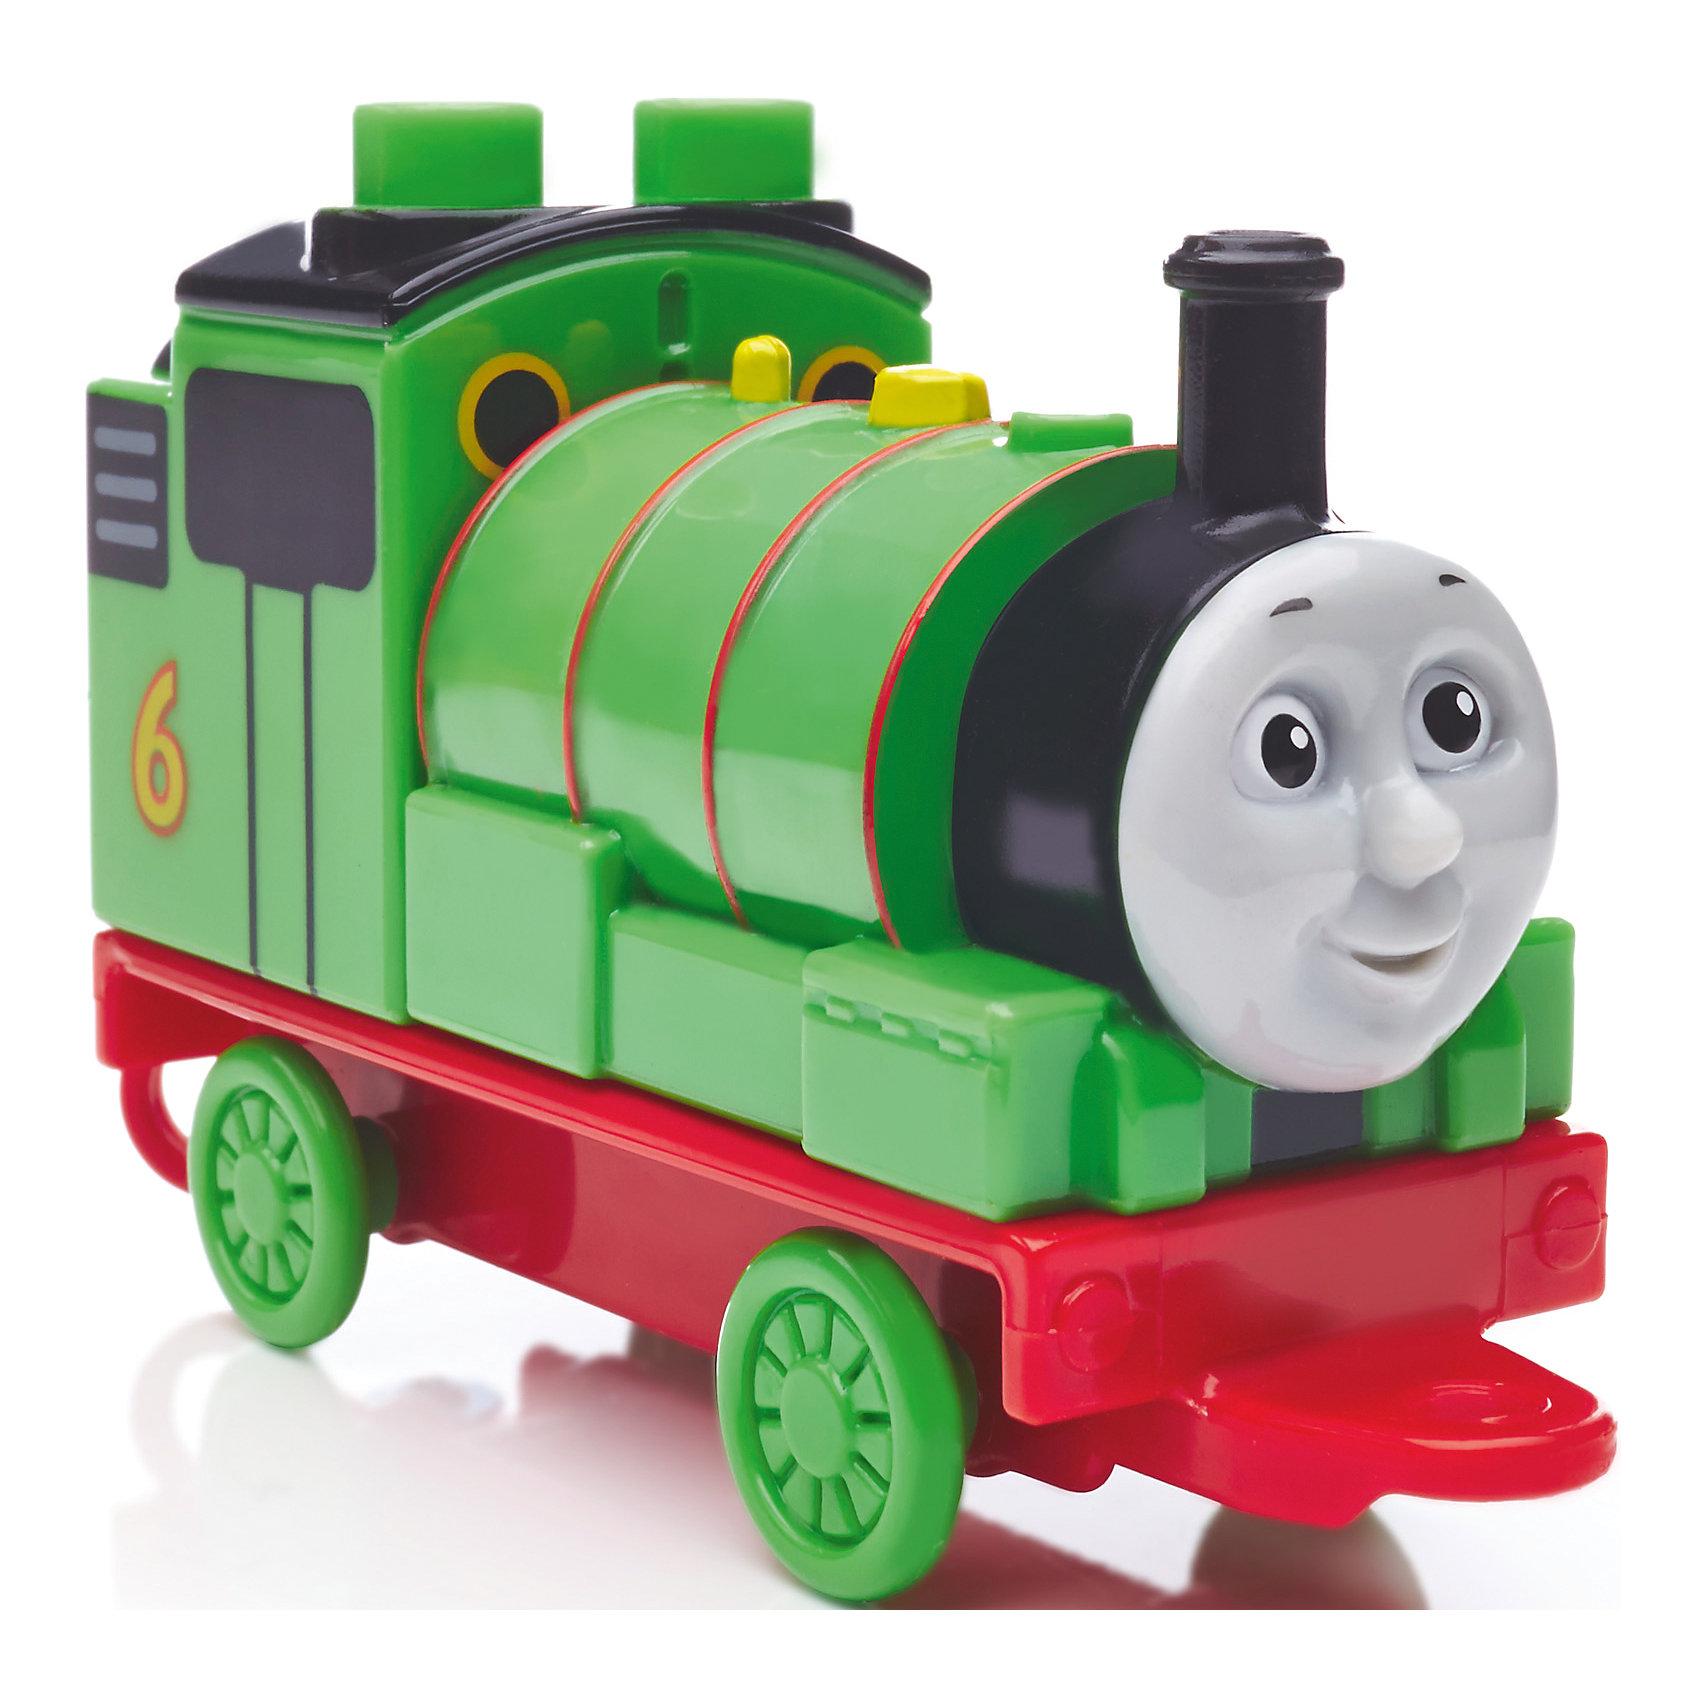 Паровозик Томас и его друзья, MEGA BLOKSИгрушечная железная дорога<br>Играть с фигурками персонажей из любимого мультфильма - всегда веселее! Отличный подарок ребенку - паровозик Томас и его друзья, MEGA BLOKS, который создан по мотивам популярного мультсериала о приключениях веселых паровозиков.  Конструкторы выполнены в ярких цветовых оттенках и окрашены безопасными устойчивыми красителями. Набор дополнен комплектом детализированных стикеров для блоков. Все элементы имеют крупный размер и форму, удобную для детских ручек. <br>Такие игрушки помогают развить мелкую моторику, логическое мышление и воображение ребенка. Эта игрушка выполнена из высококачественного прочного пластика, безопасного для детей.<br>  <br>Дополнительная информация:<br><br>комплектация: паровозик, аксессуары для игры, набор детализированных стикеров;<br>размер упаковки: 15х18,5х4,5 см;<br>цвет: разноцветный;<br>материал: пластик;<br>вес: 220 г.<br><br>Паровозик Томас и его друзья, MEGA BLOKS от компании Mattel можно купить в нашем магазине.<br><br>Ширина мм: 150<br>Глубина мм: 185<br>Высота мм: 45<br>Вес г: 220<br>Возраст от месяцев: 12<br>Возраст до месяцев: 72<br>Пол: Мужской<br>Возраст: Детский<br>SKU: 4795029